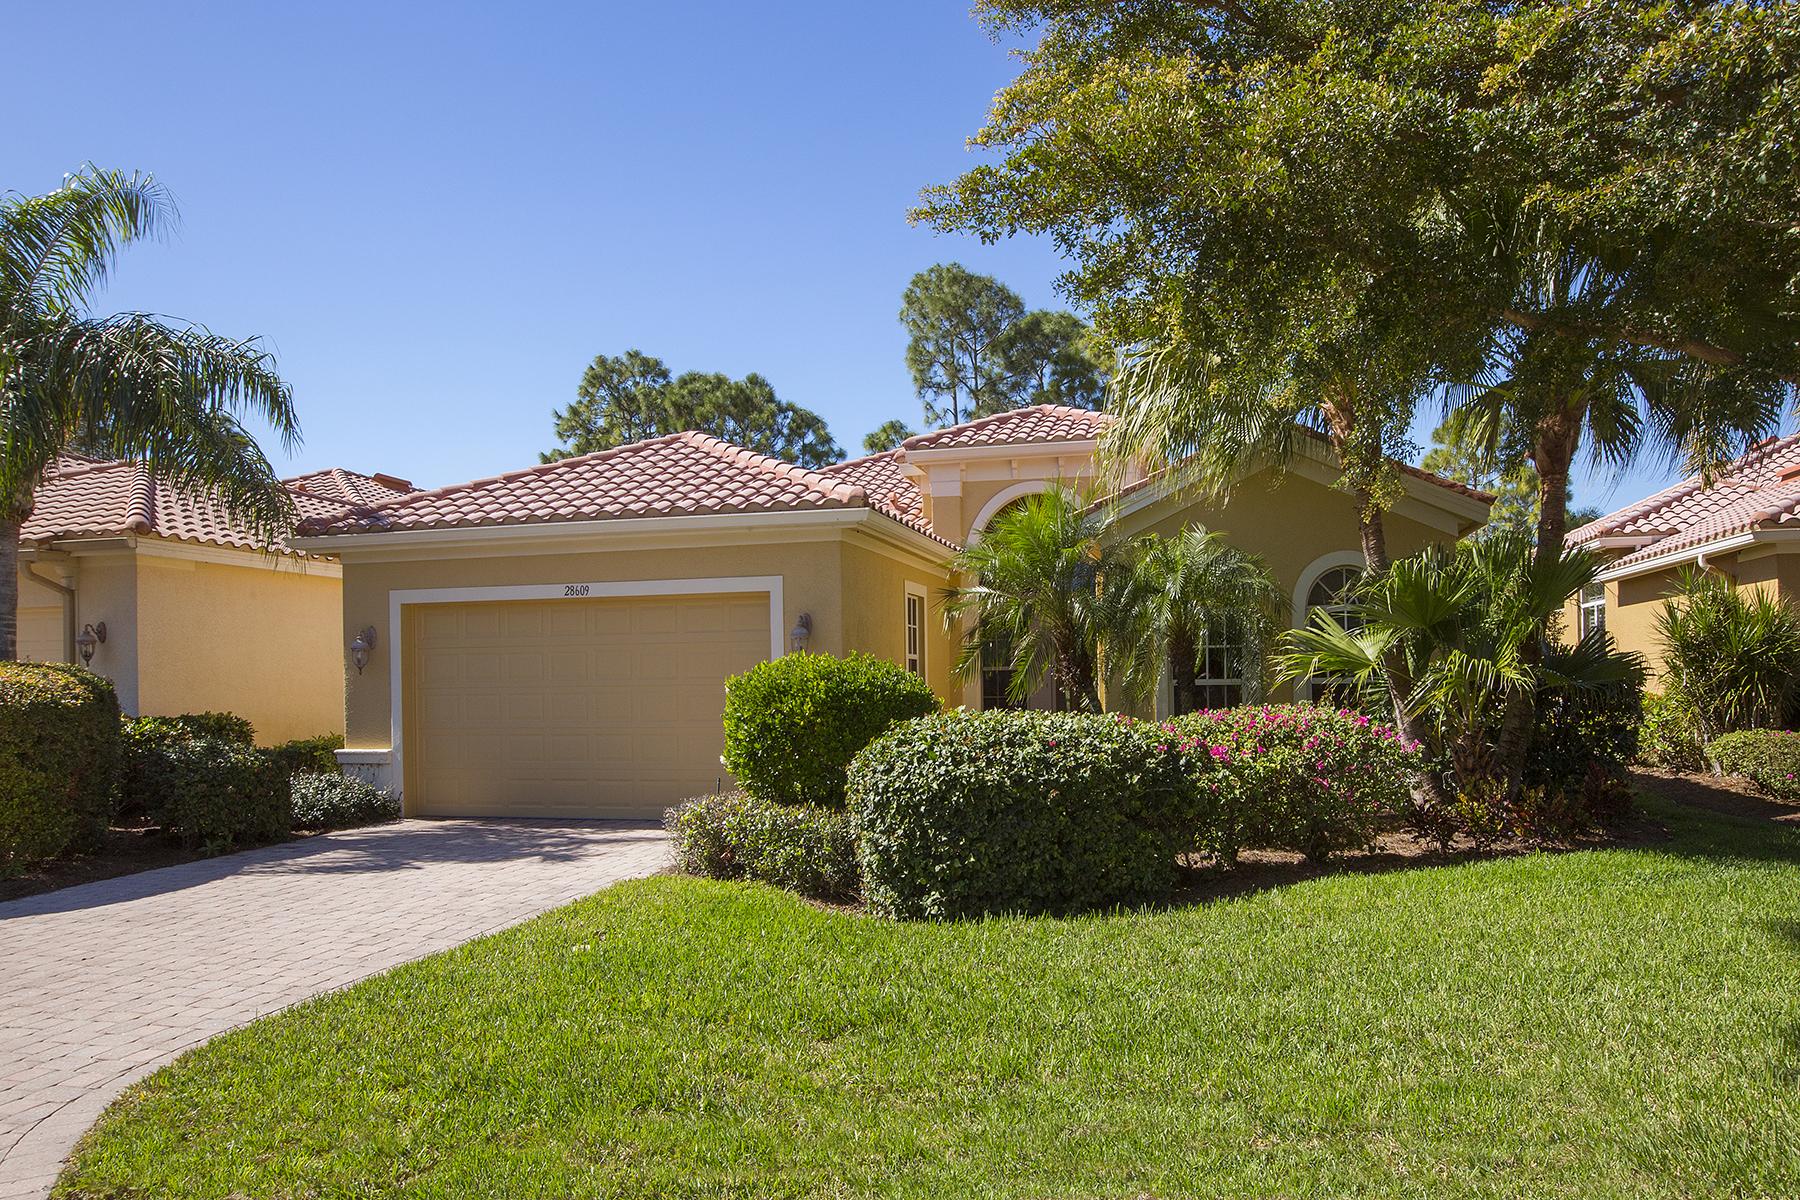 Tek Ailelik Ev için Satış at VASARI - PIENZA 28609 Pienza Ct Bonita Springs, Florida, 34135 Amerika Birleşik Devletleri